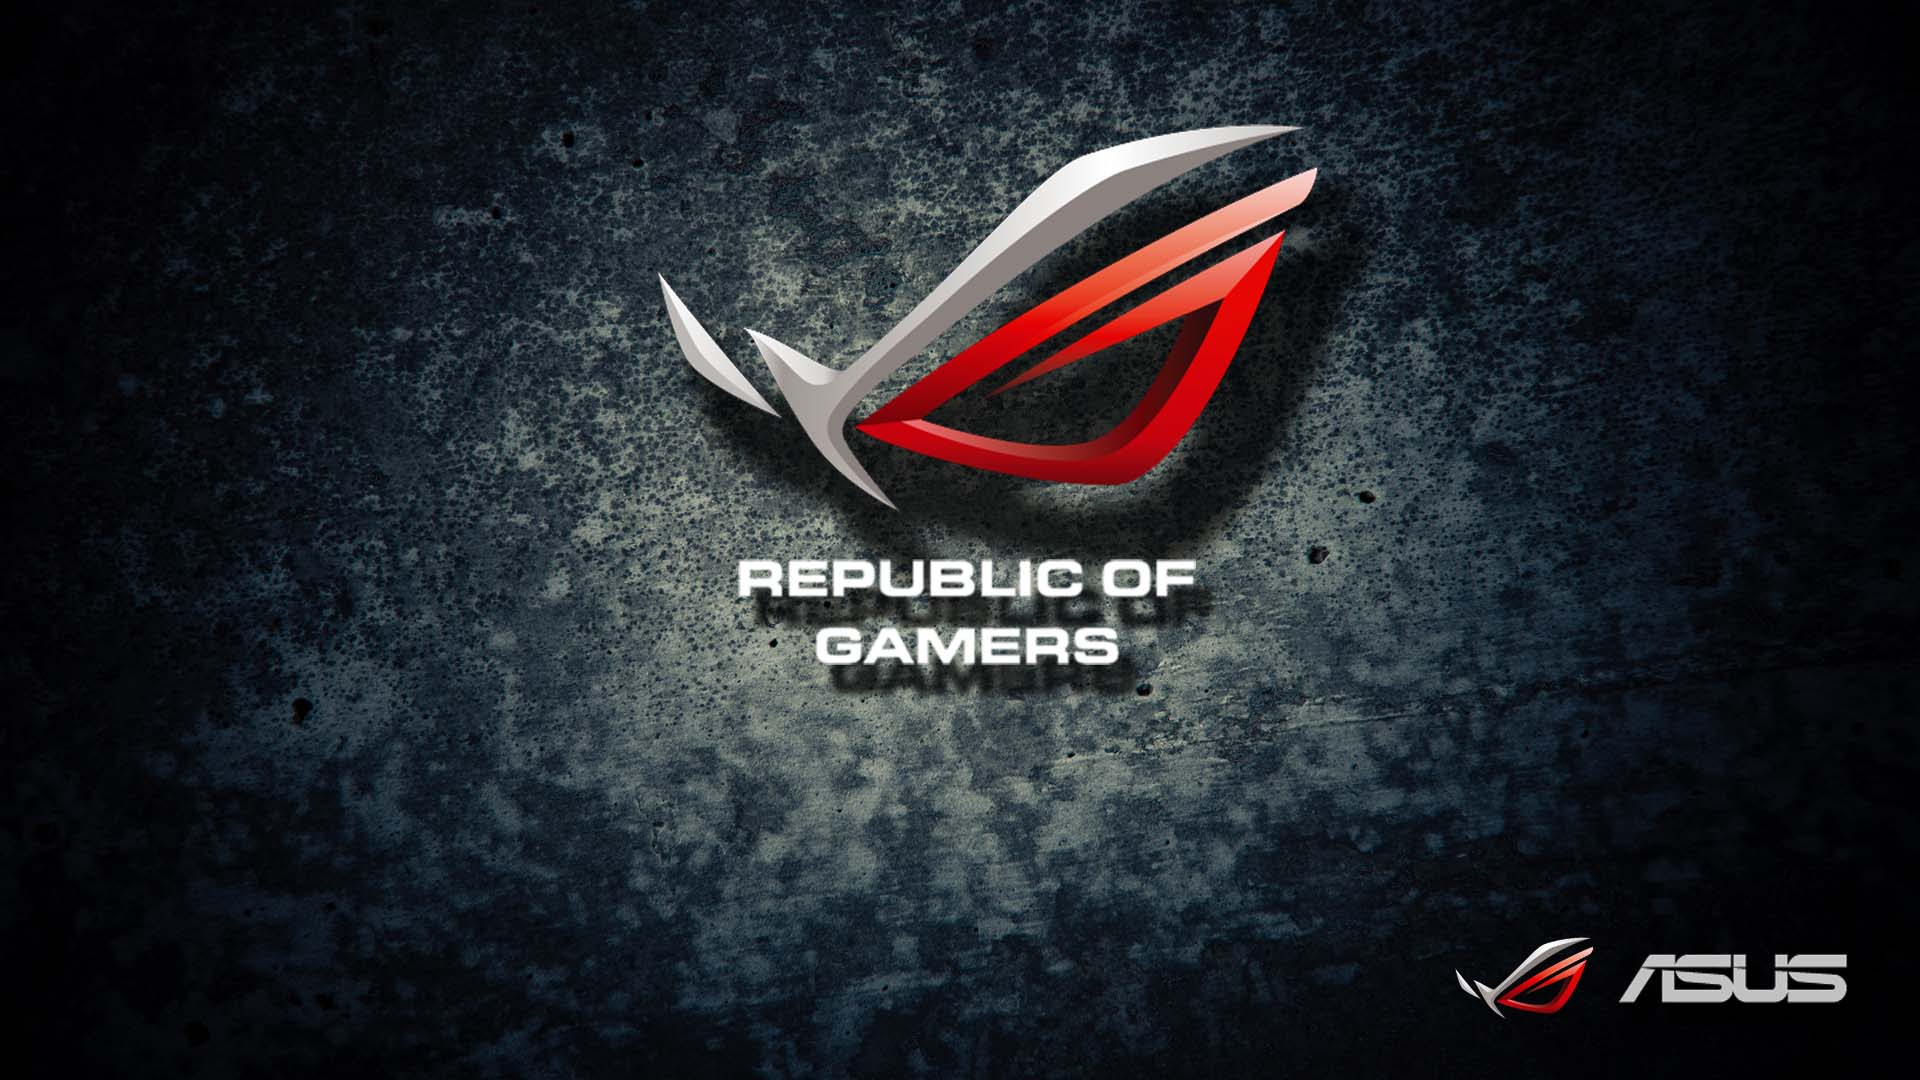 ASUS Republic Of Gamers HD Wallpaper for Desktop 1920x1080